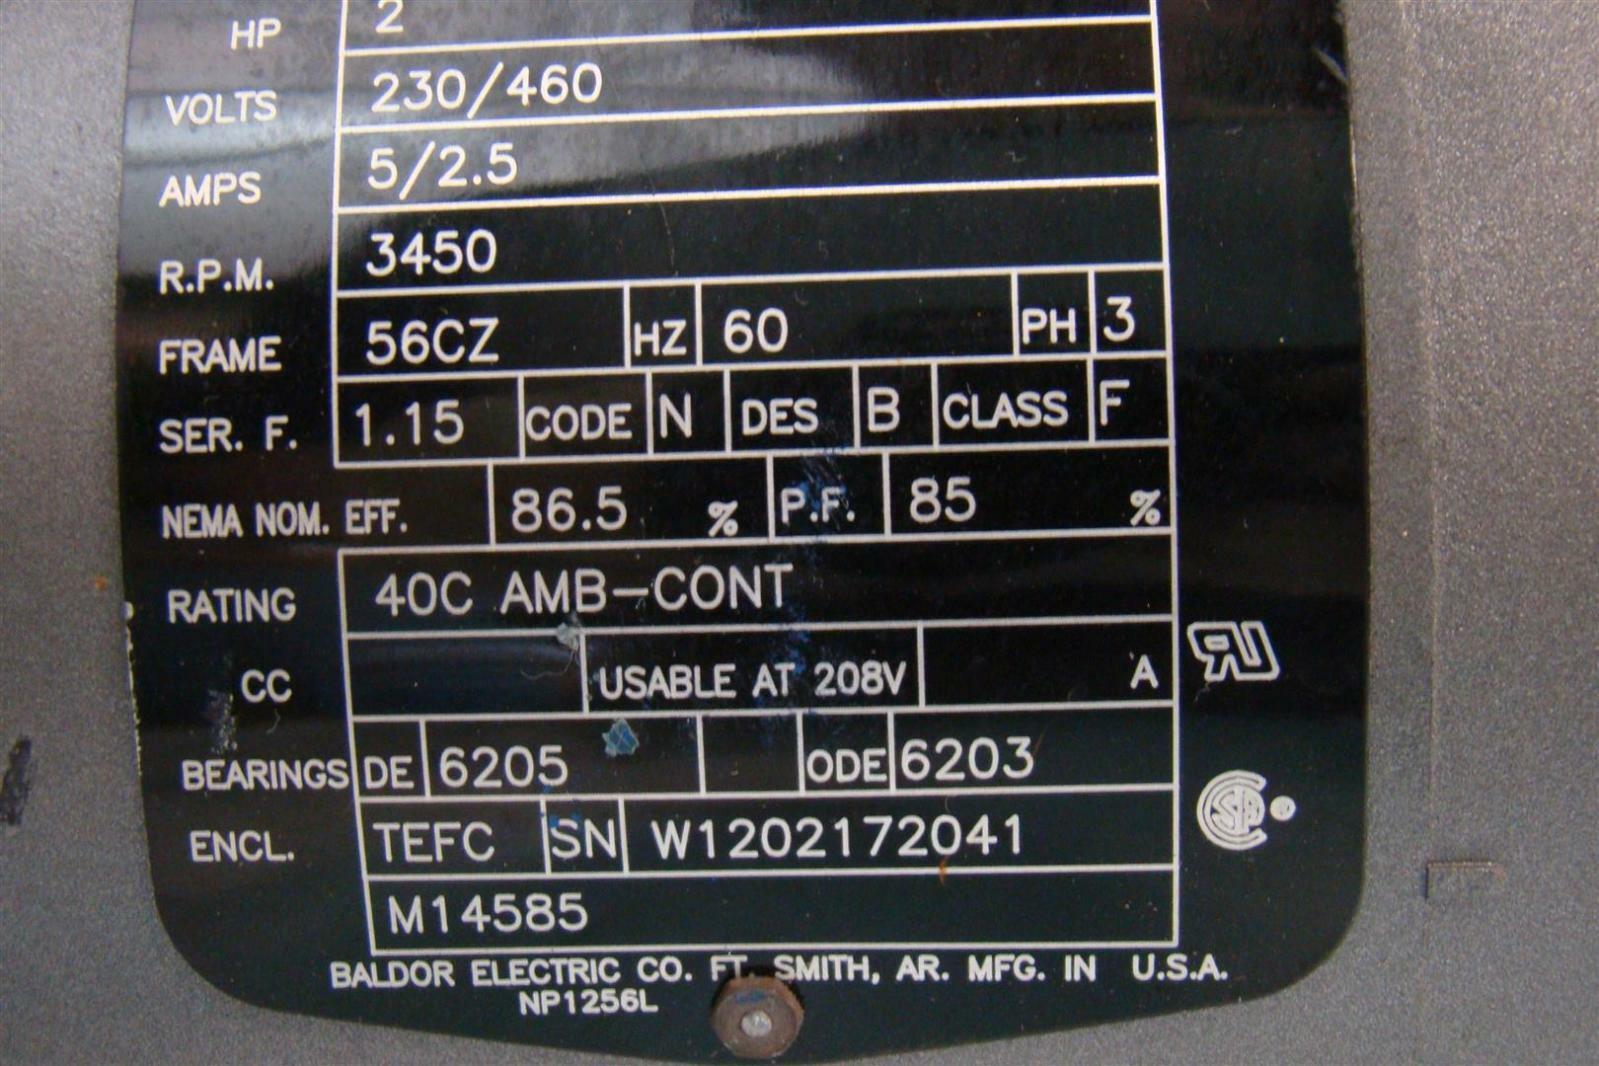 3 hp motor amps